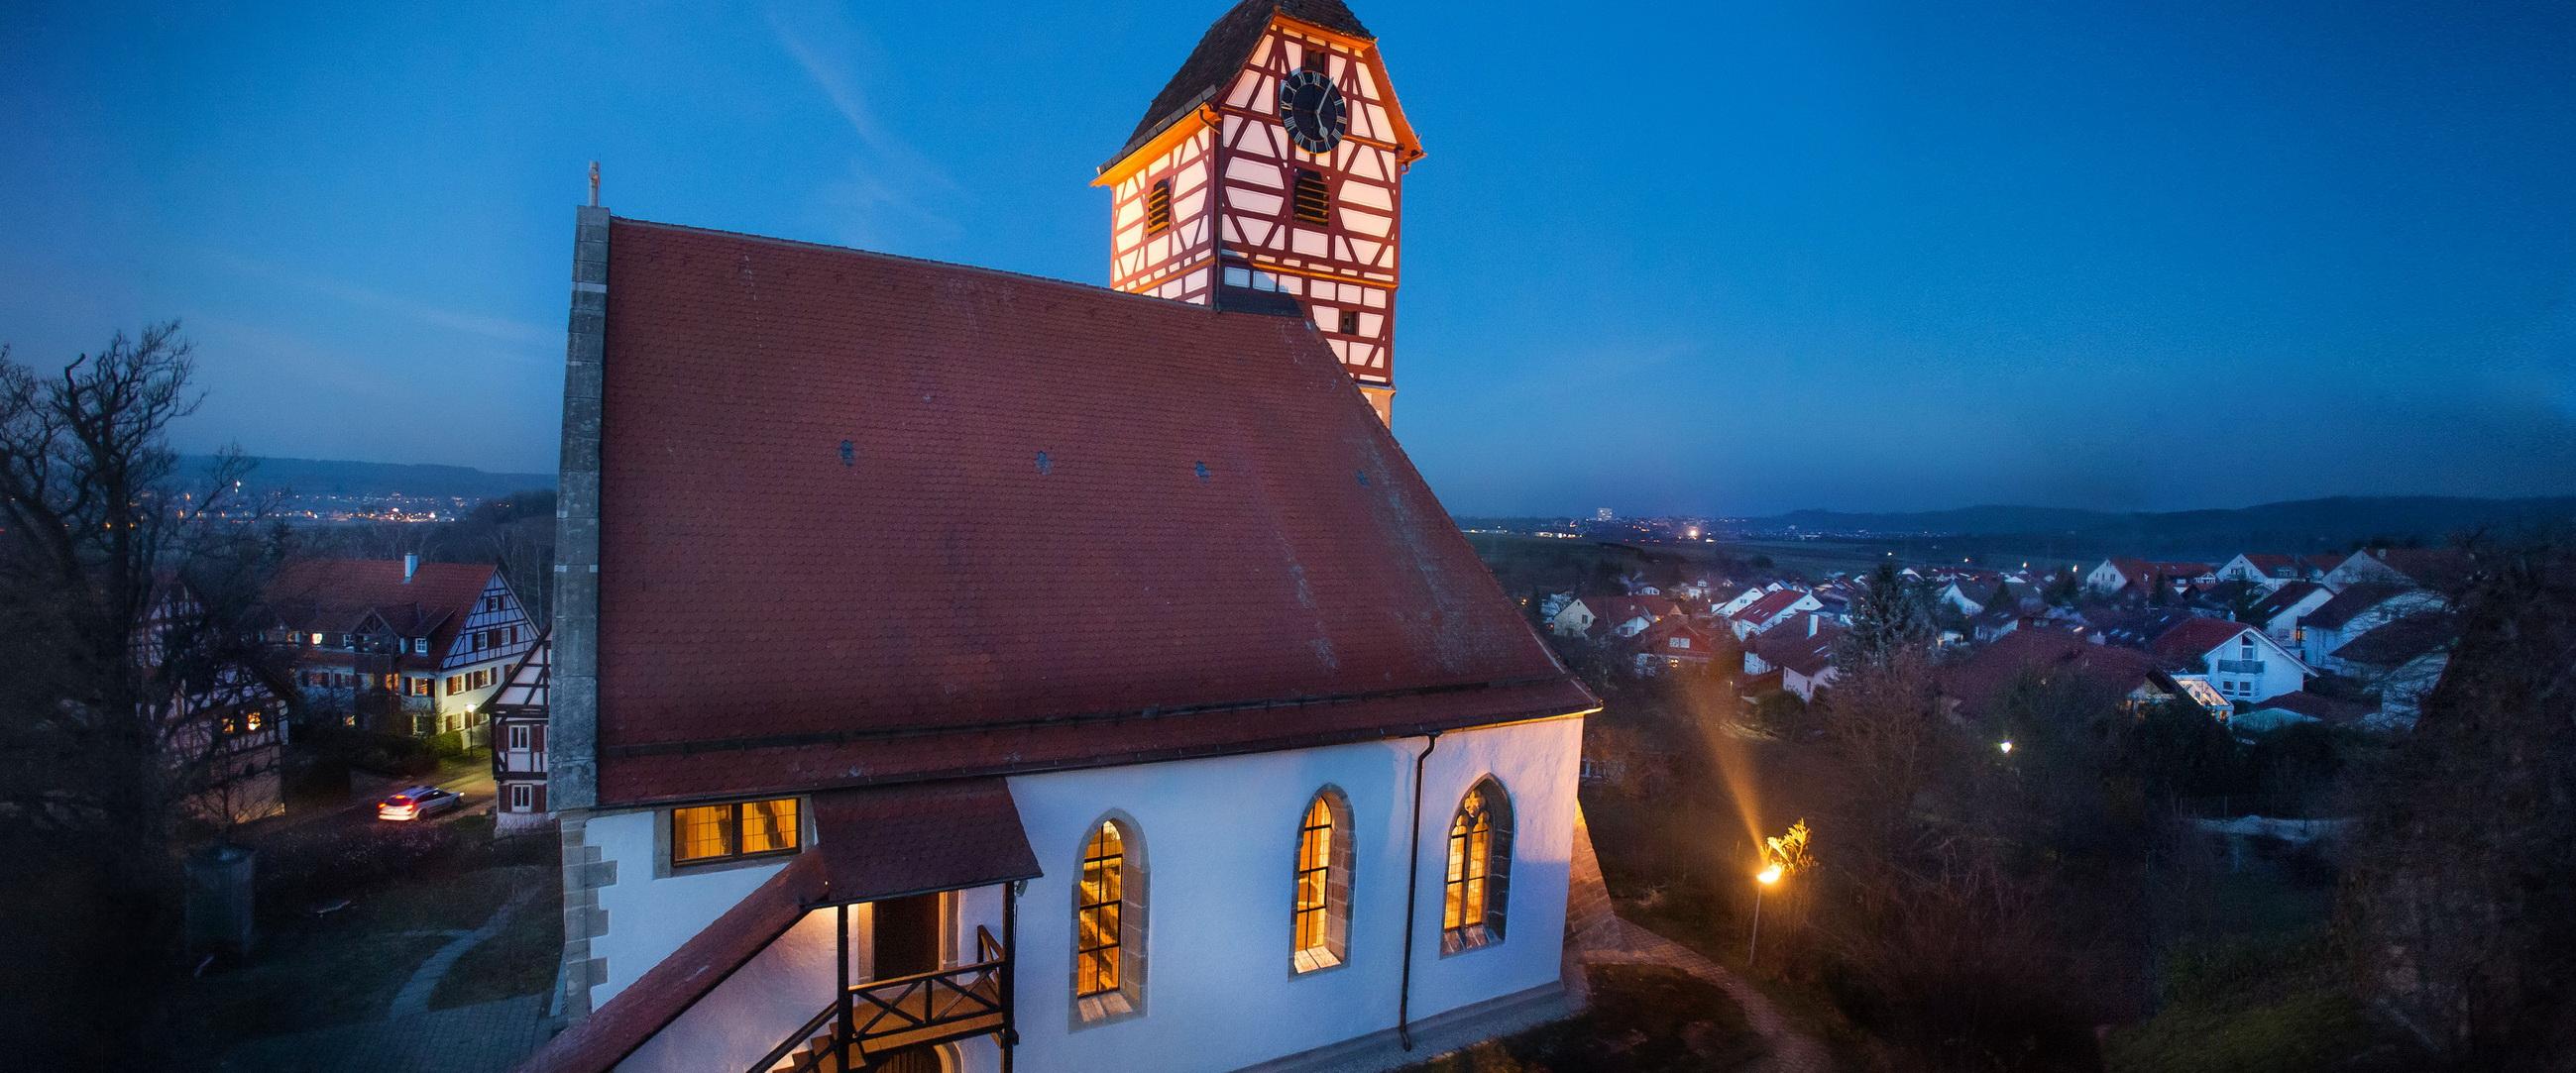 Architektur Veitkirche Nehren